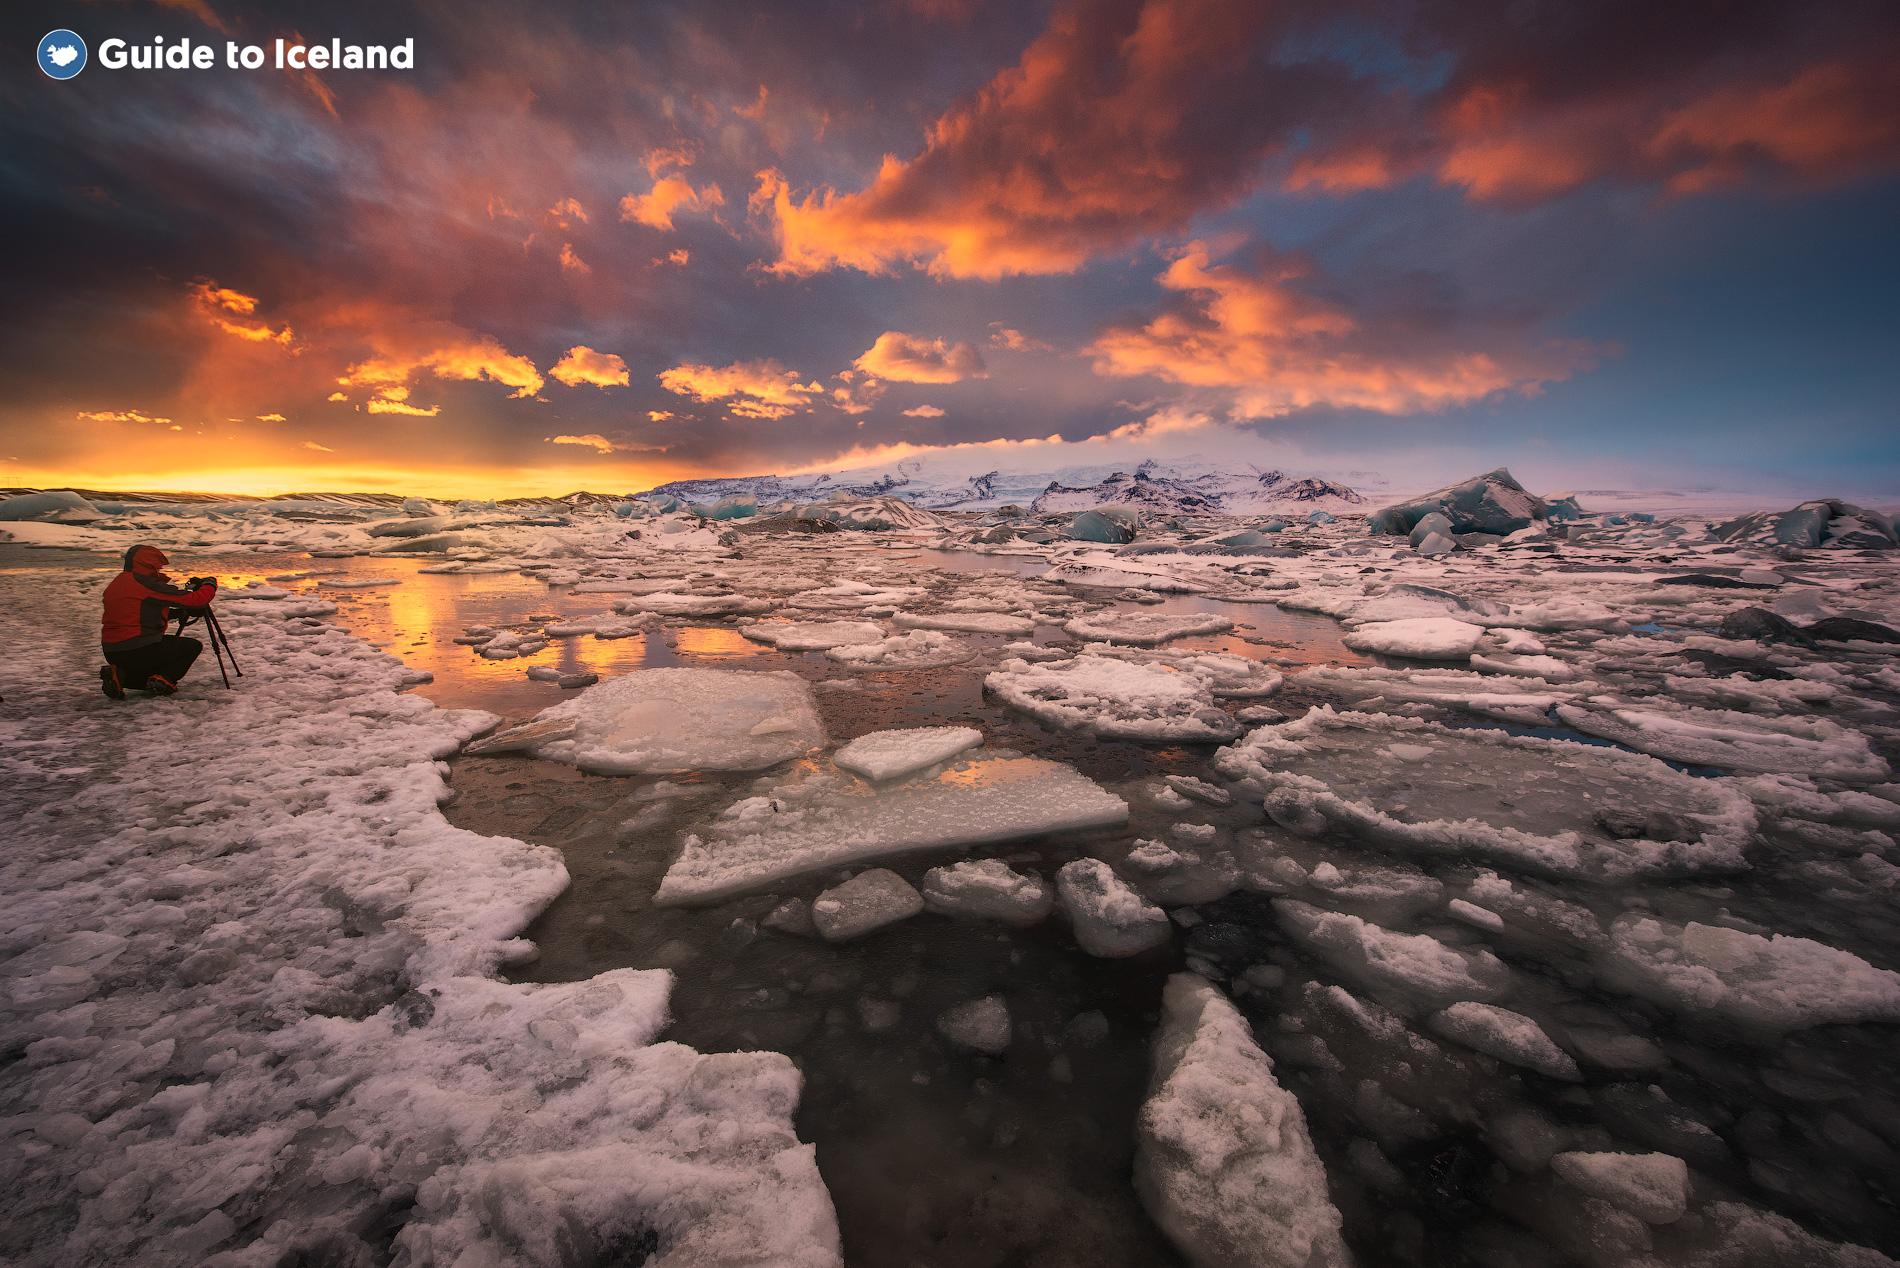 10-дневный тур   Путешествие по кольцевой дороге Исландии и Рейкьявик - day 4